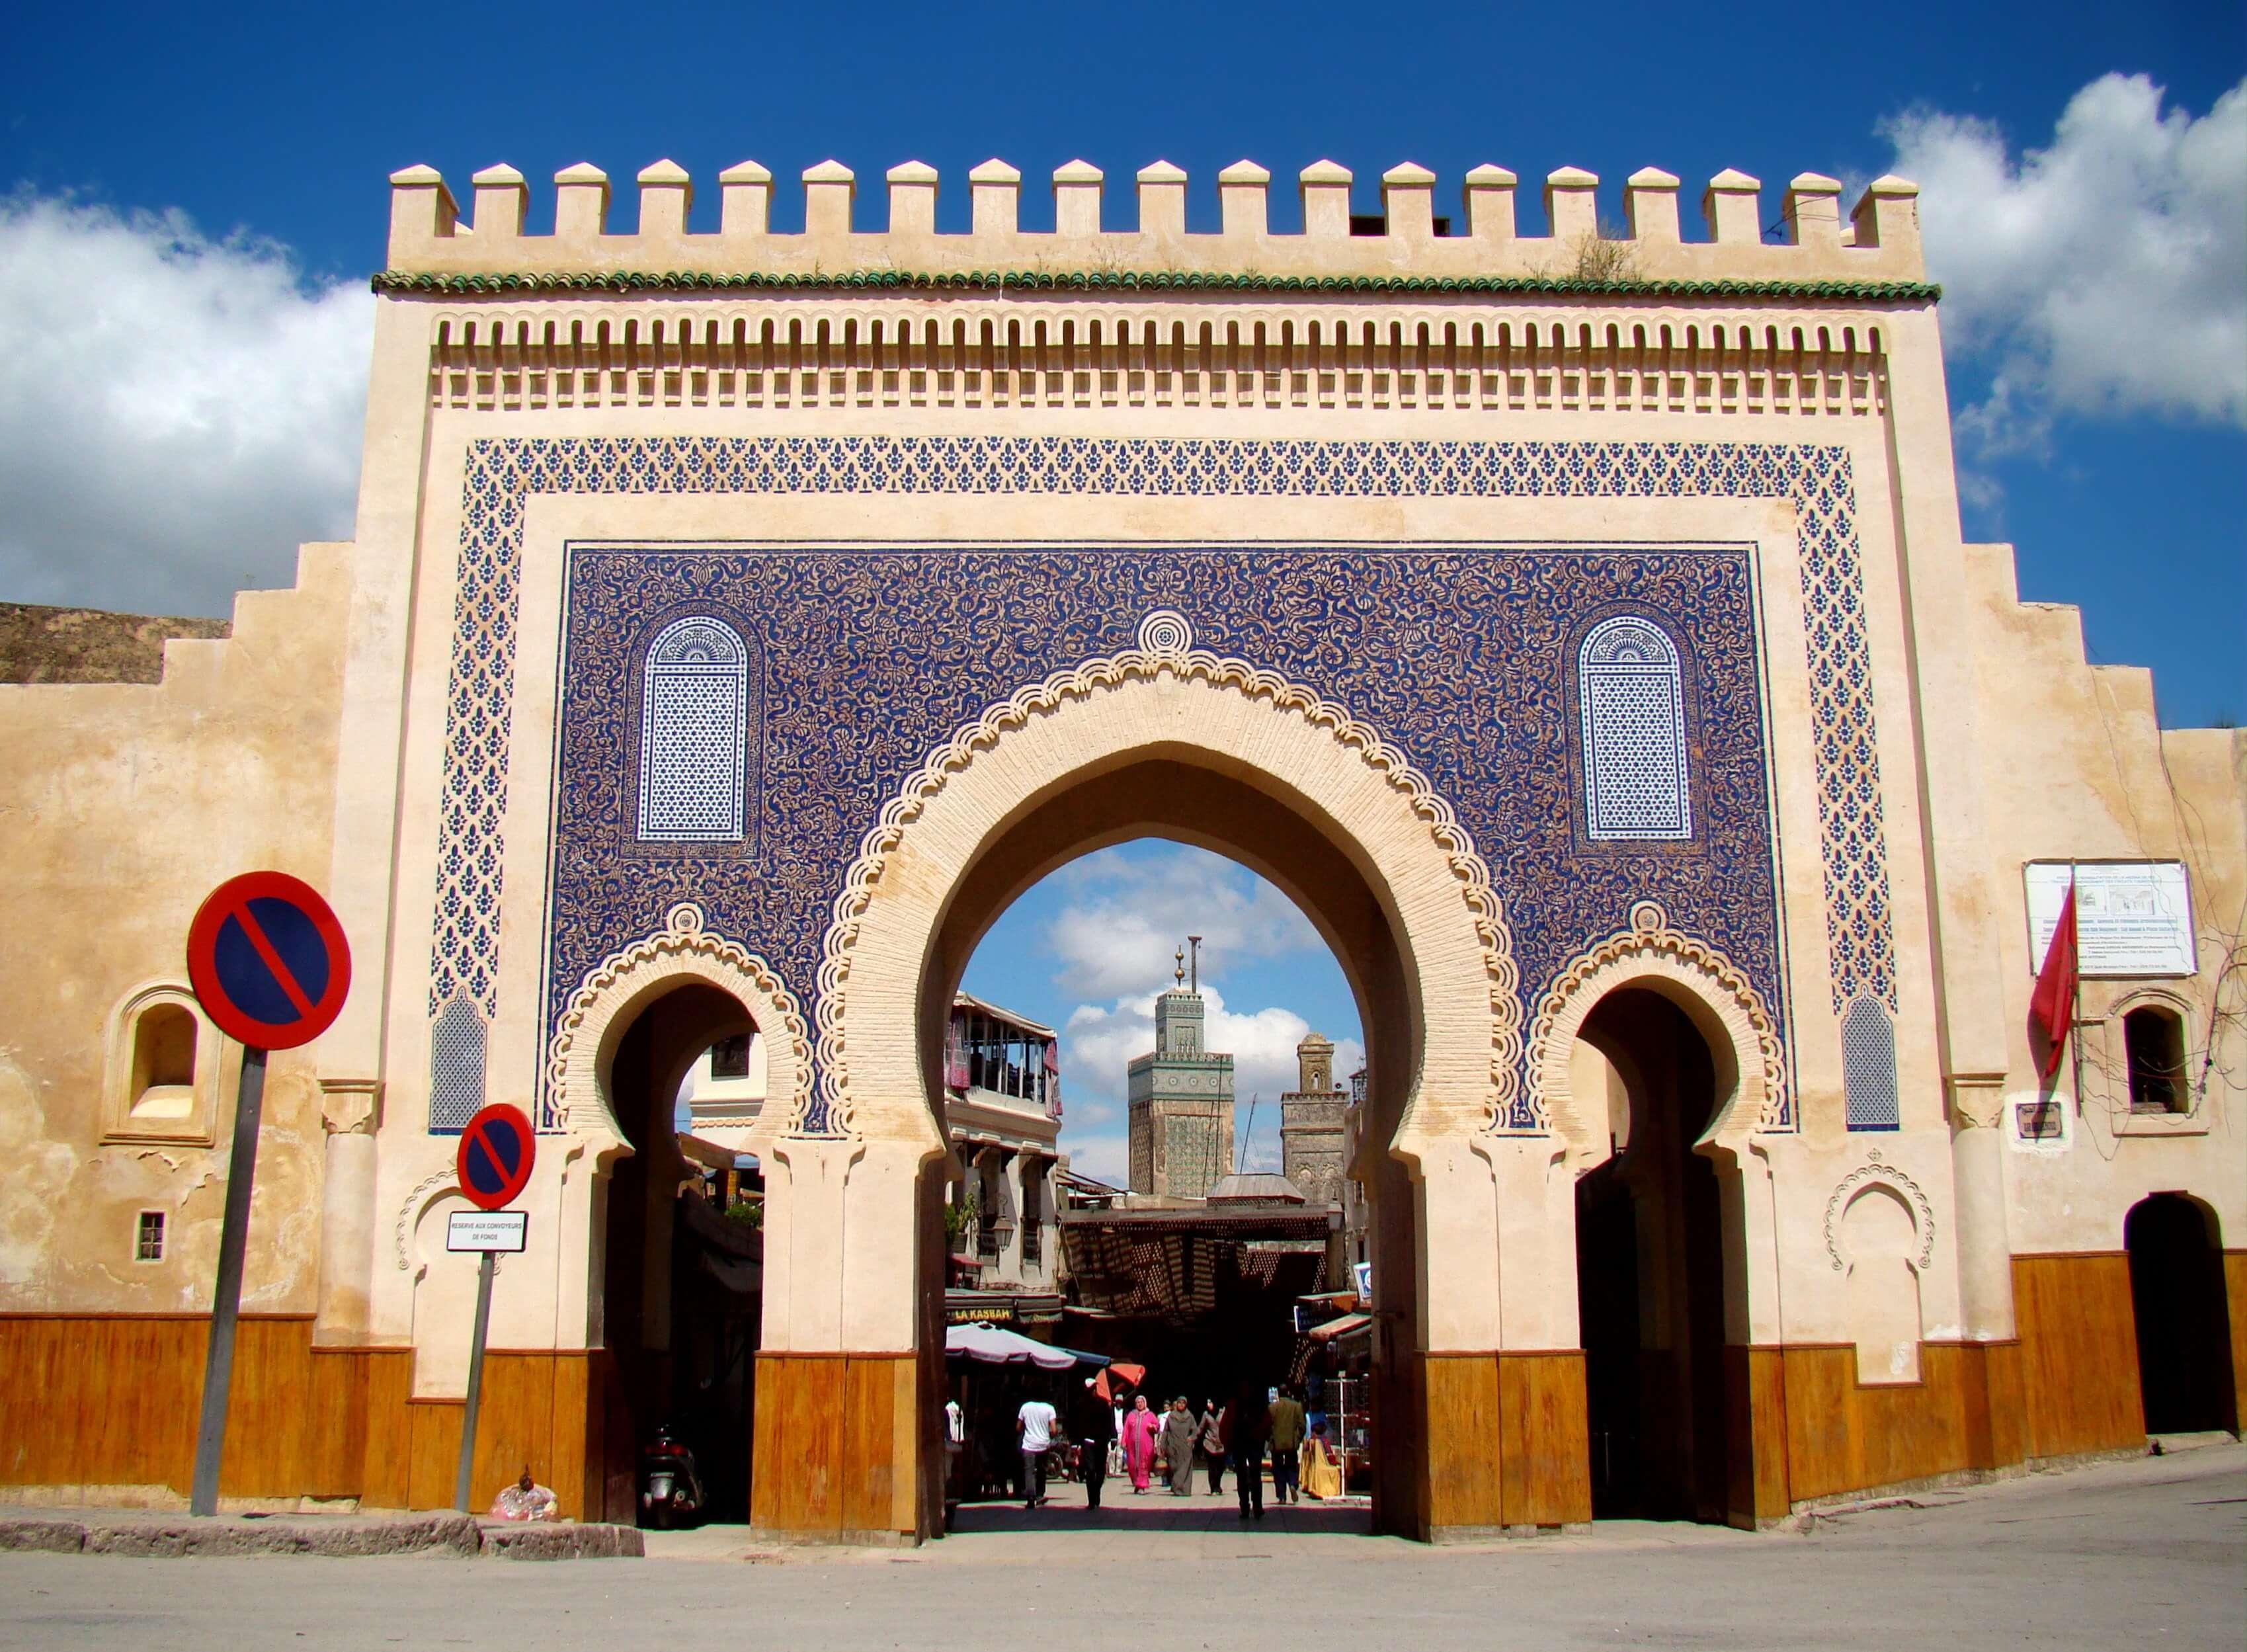 Excursiones y visitas guiadas Desde Fez